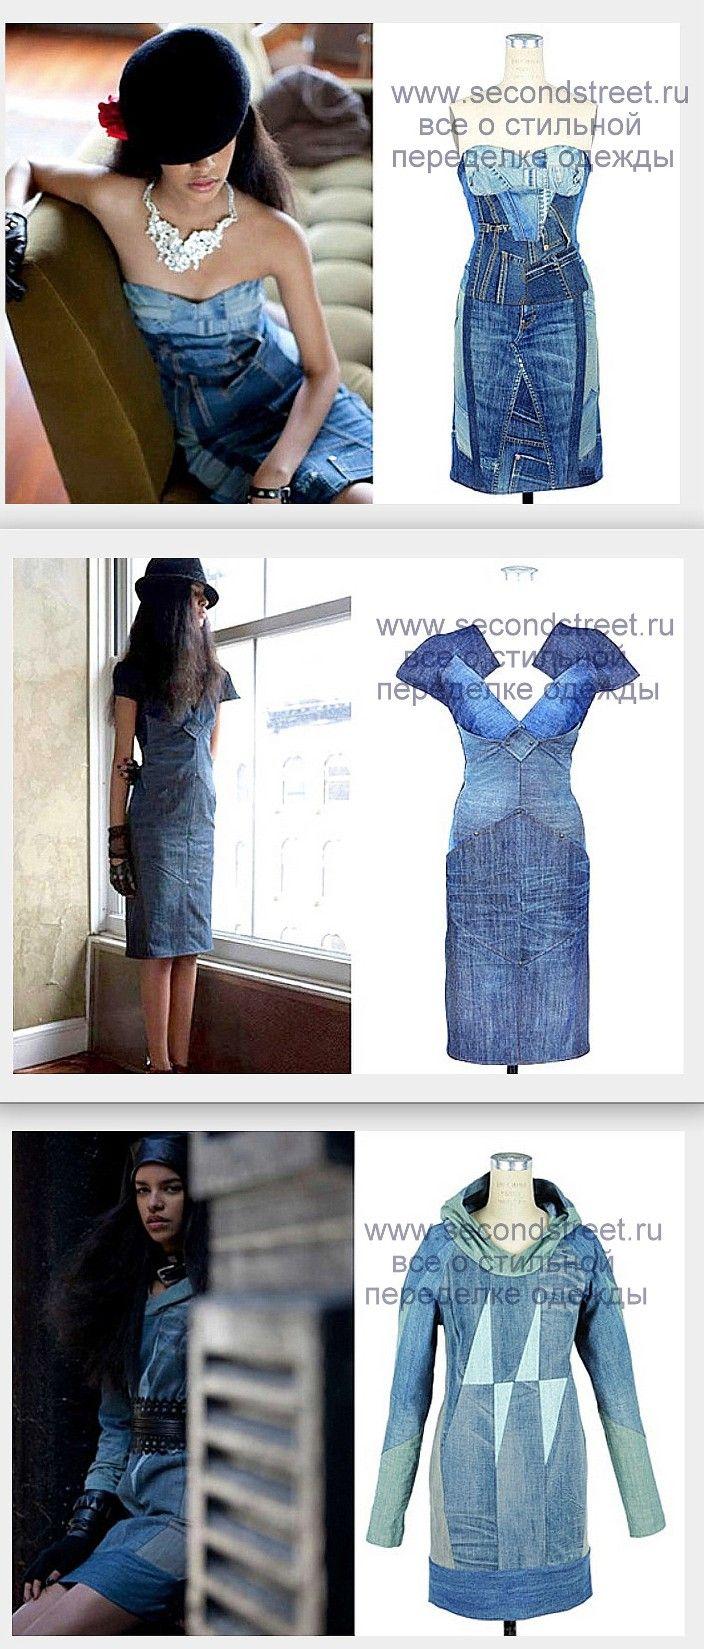 denim refashion | Todo jeans love | Pinterest | Reciclado, Costura y ...